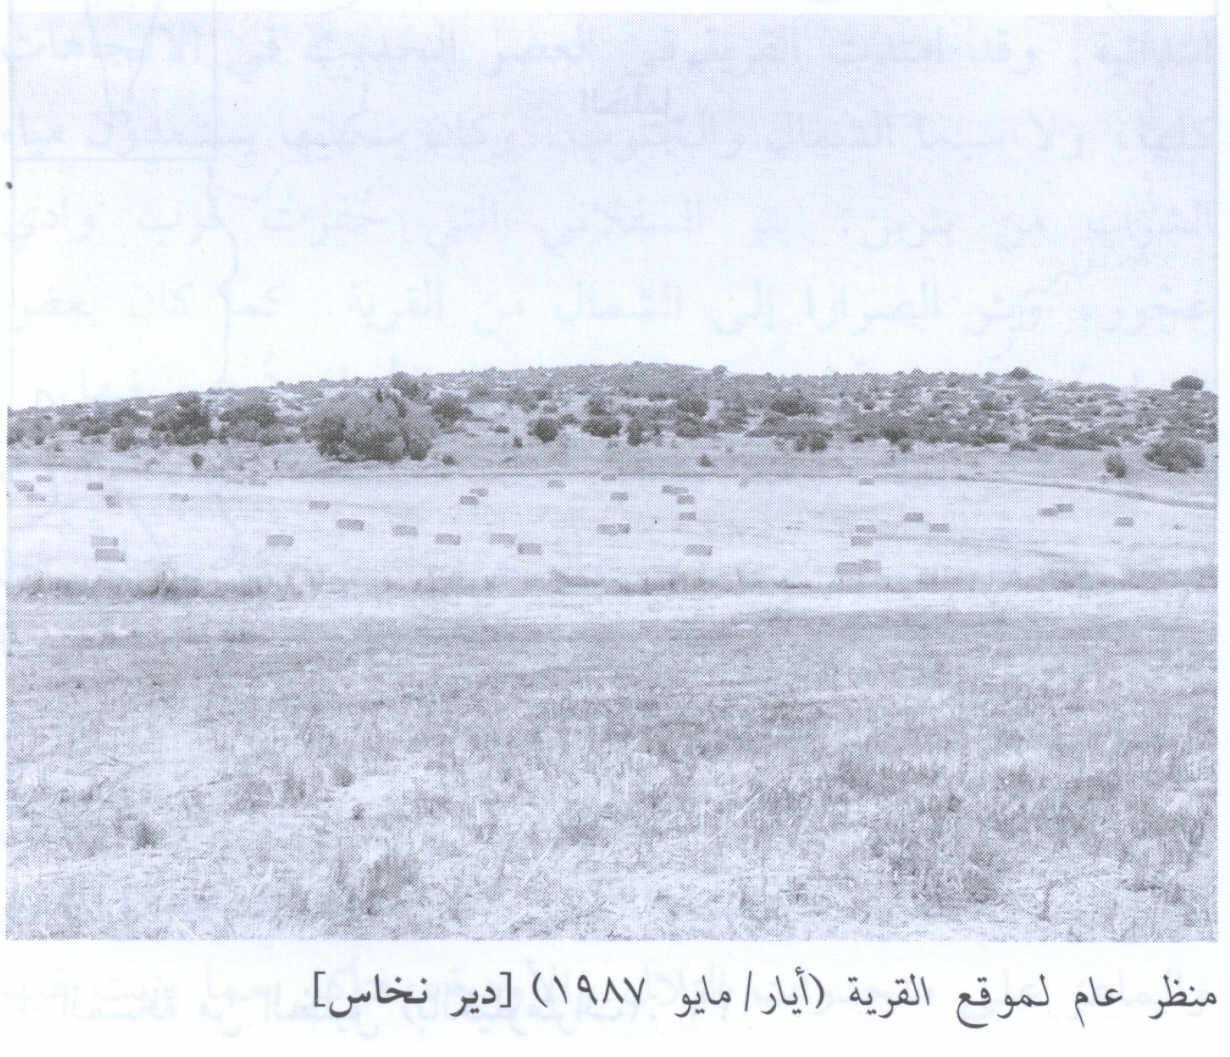 القرى الفلسطينه _دير النحاس